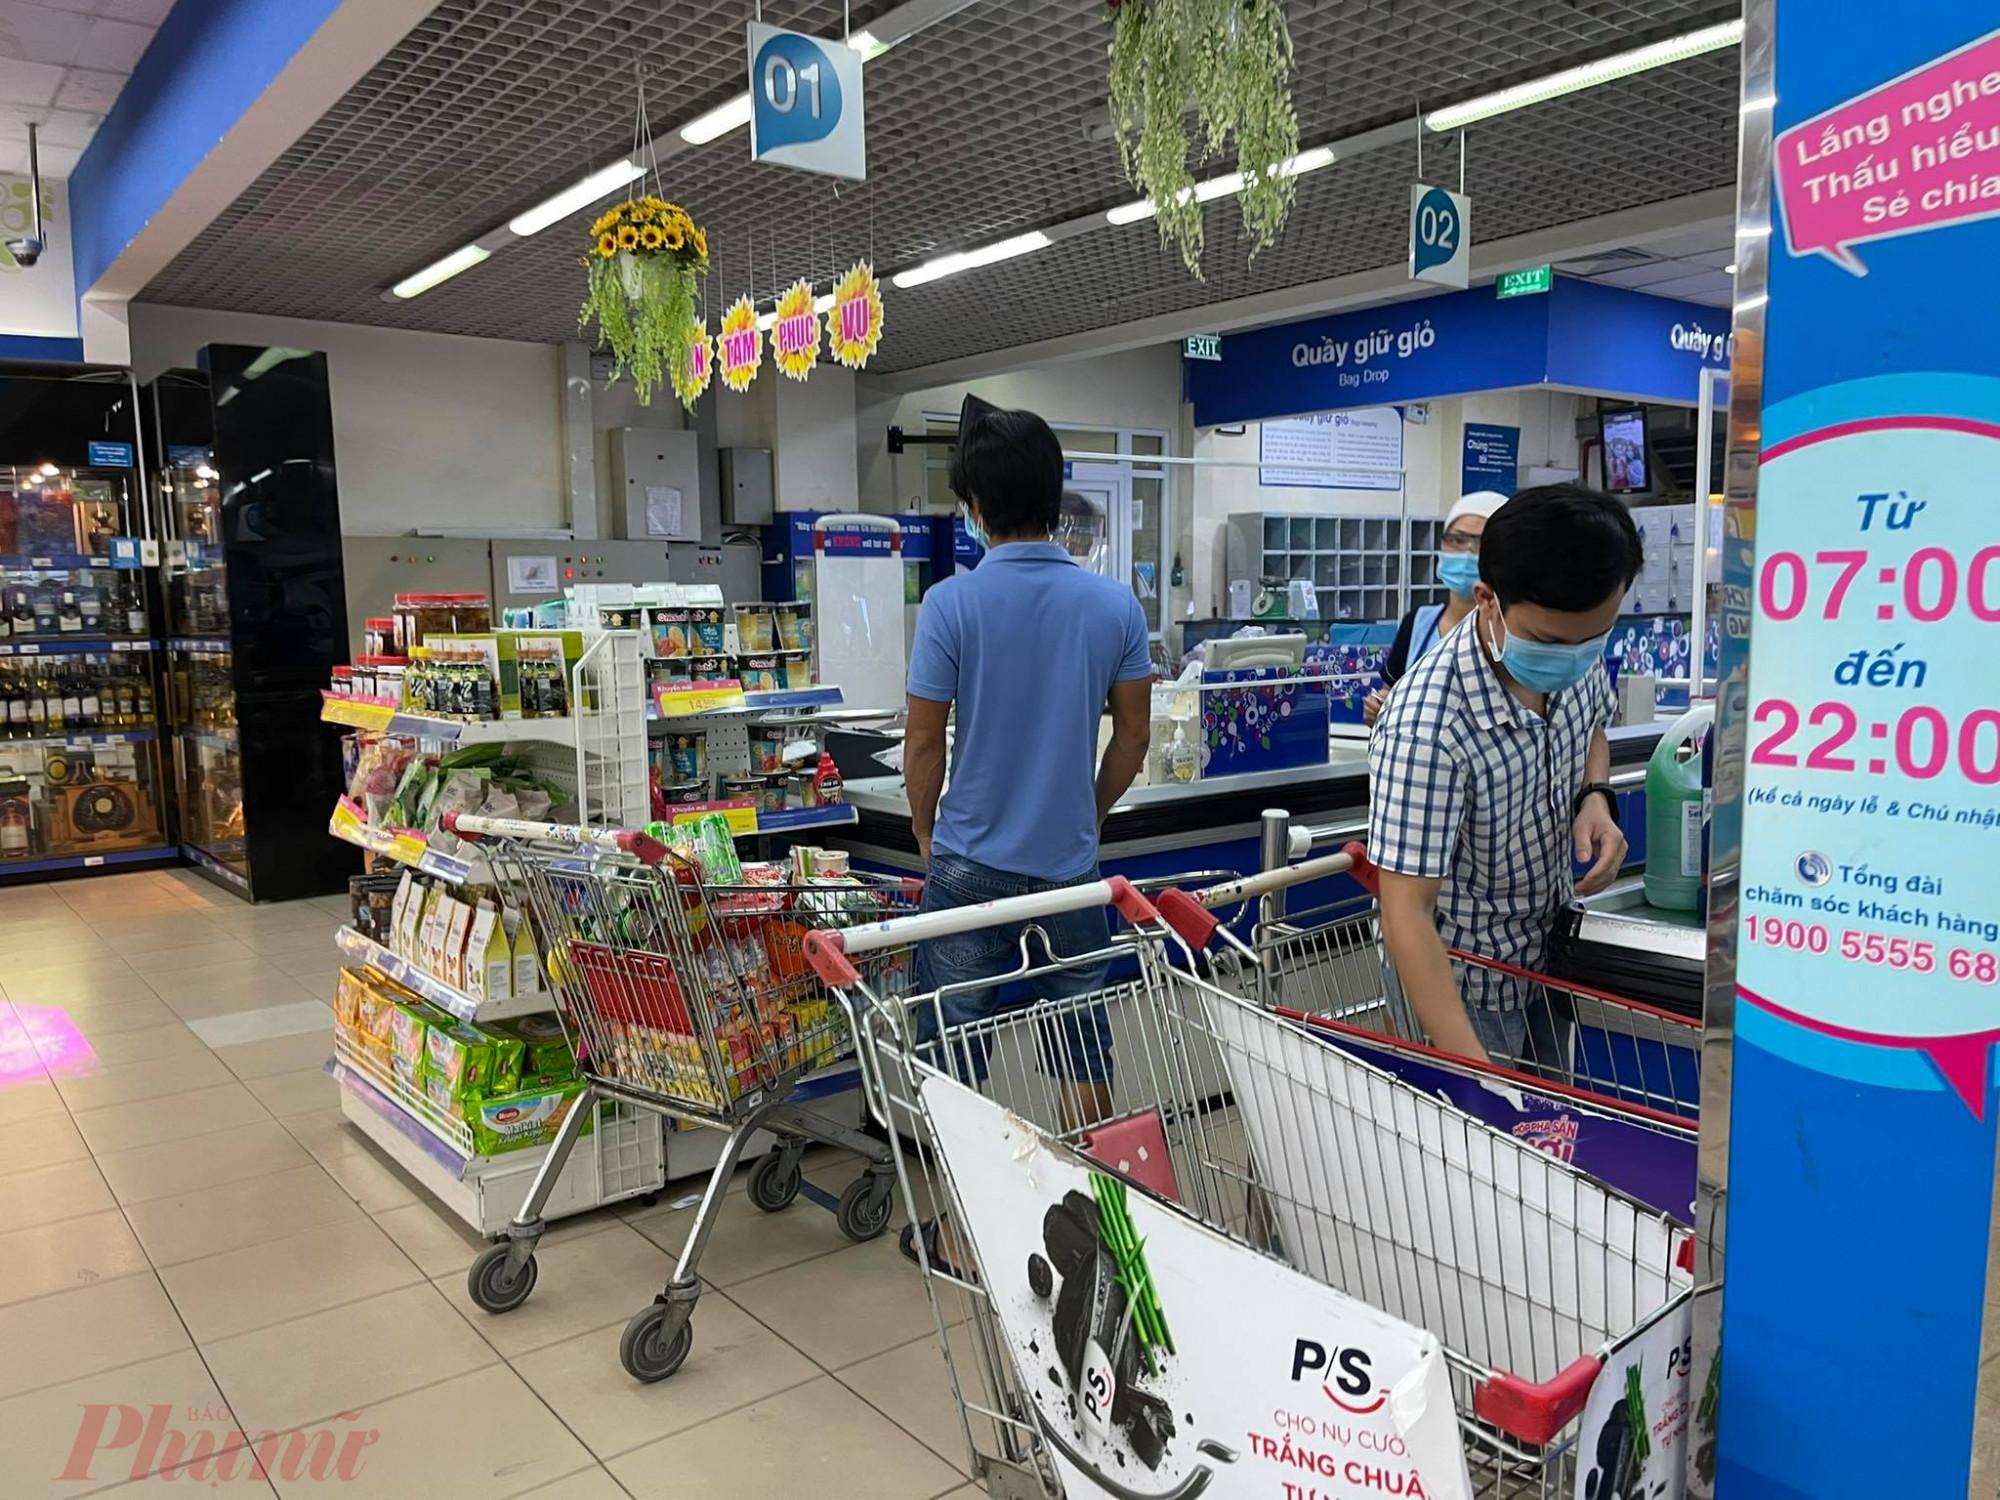 Khách đi siêu thị mua đầy giỏ hàng để đủ dùng trong 3 - 4 ngày.